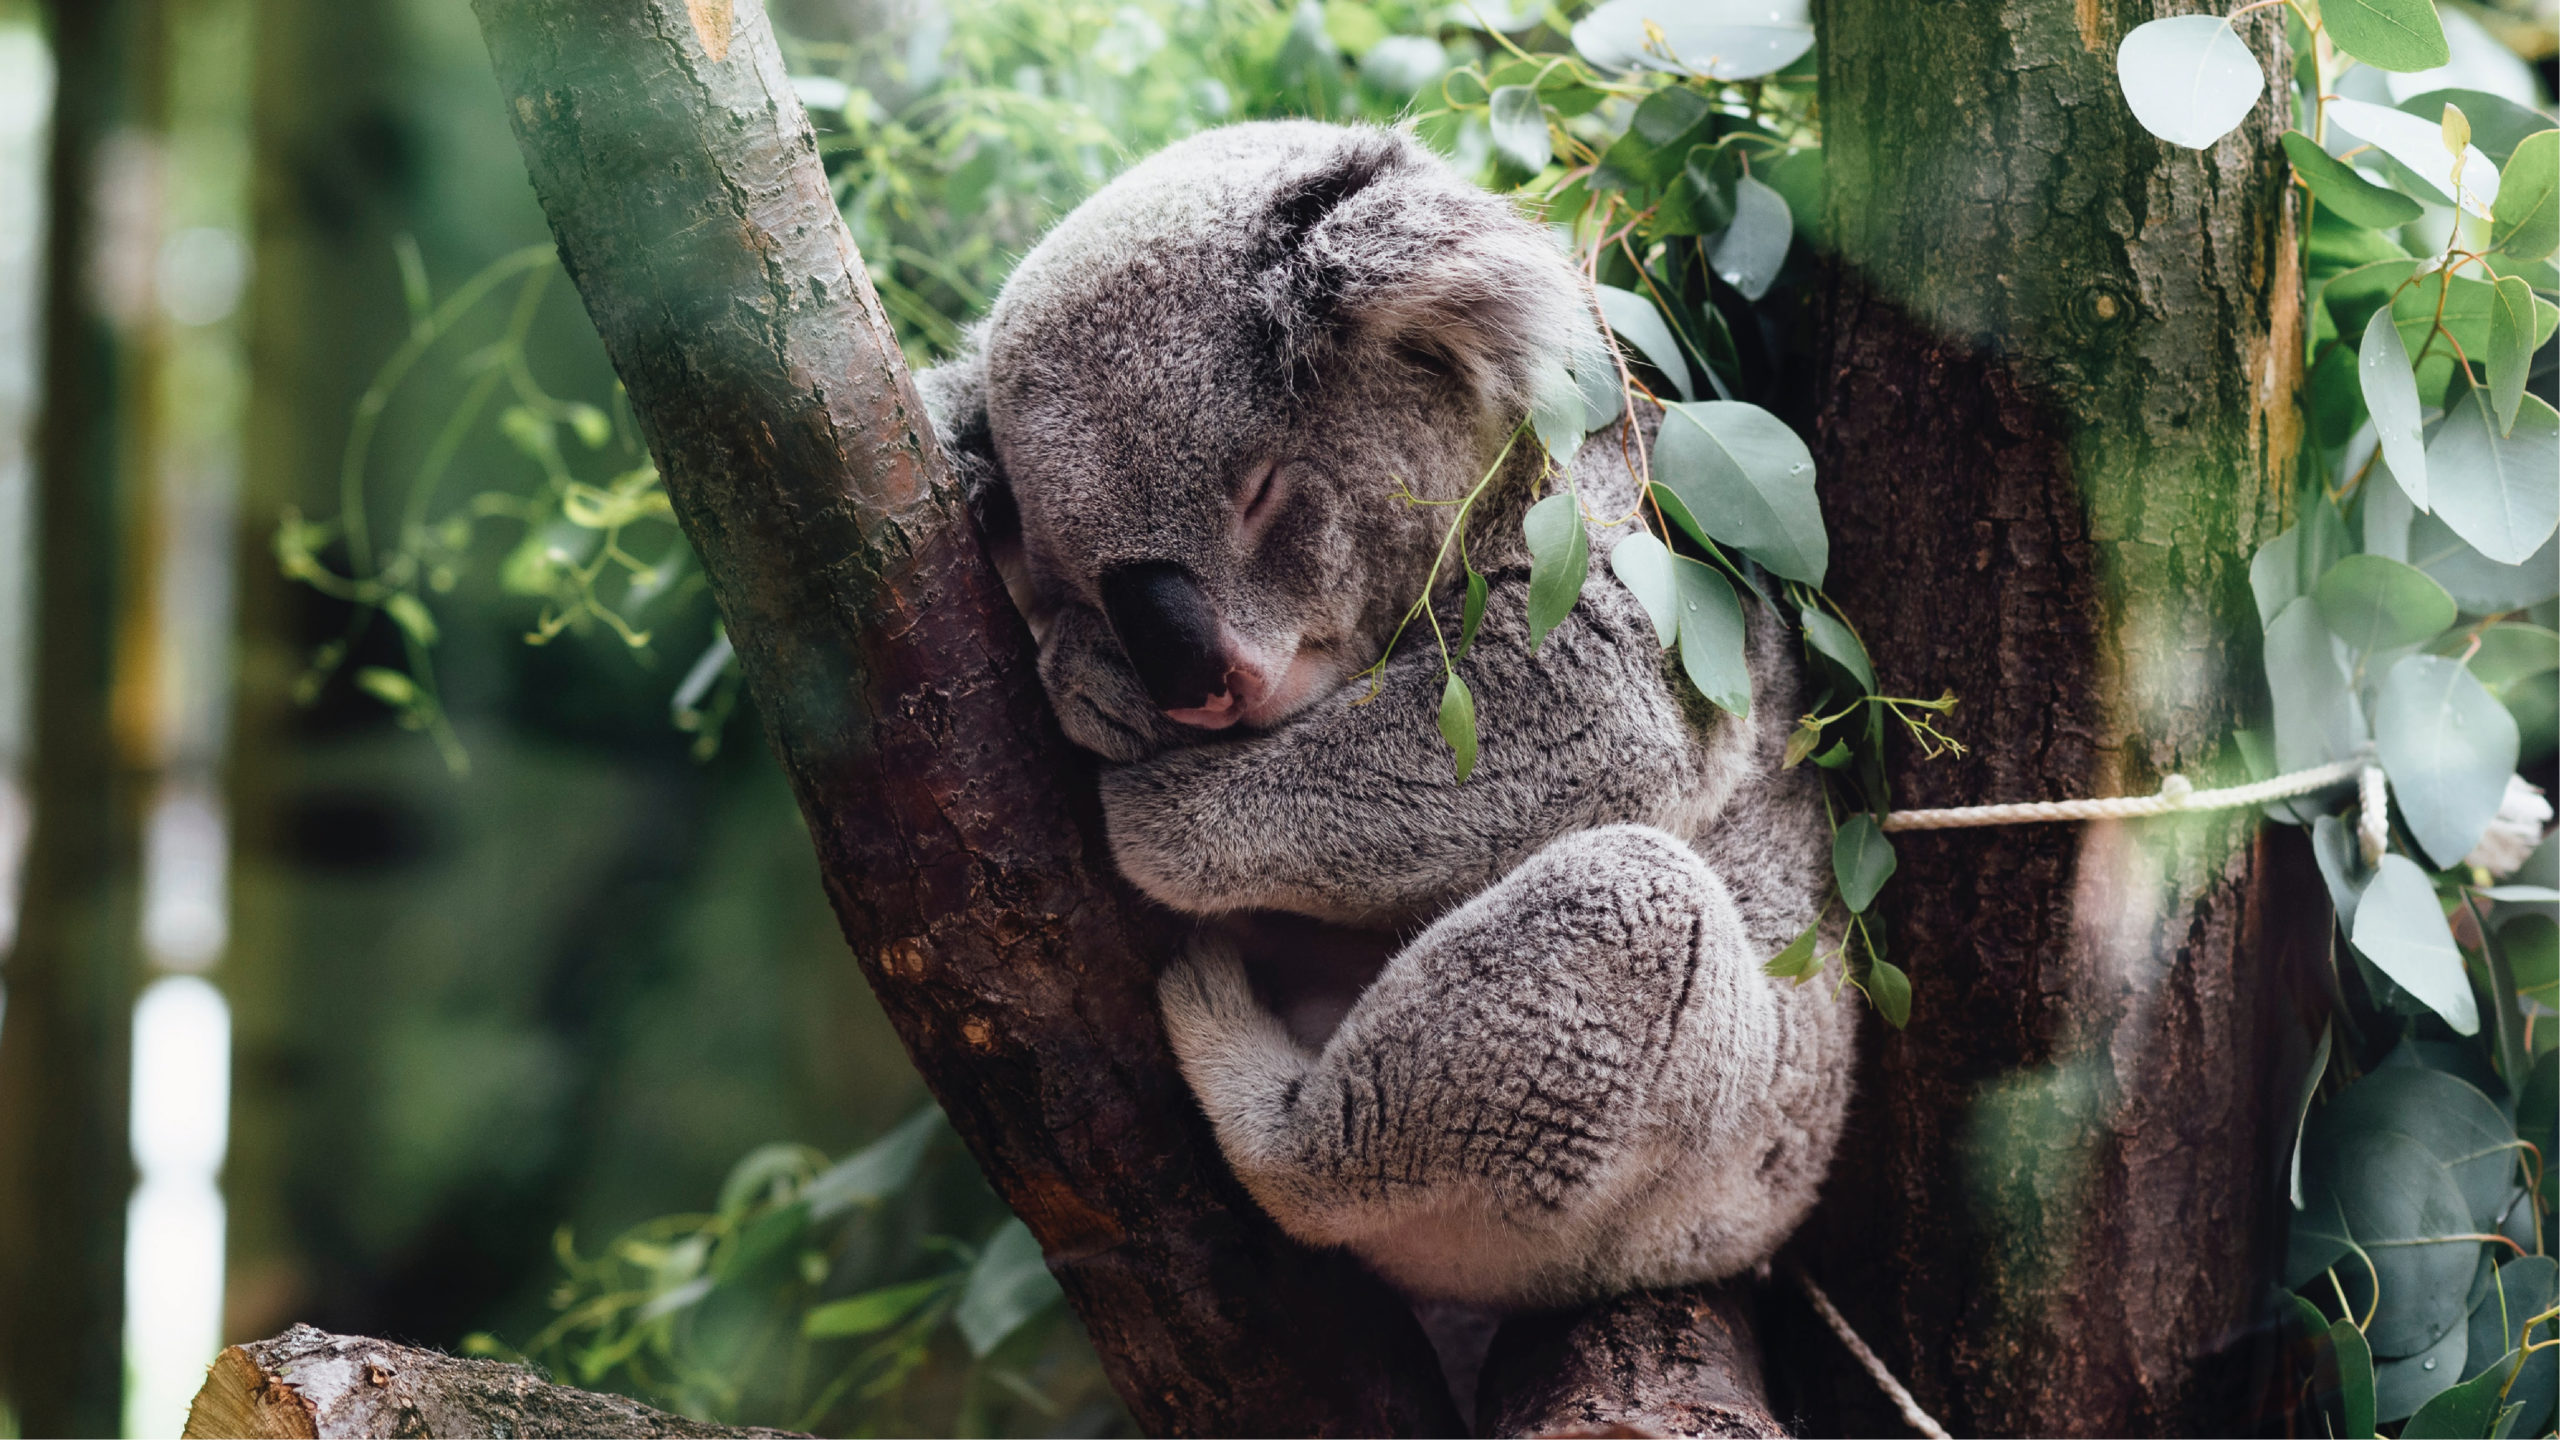 Población de koalas cae 30% por incendios, deforestación y 'sida'